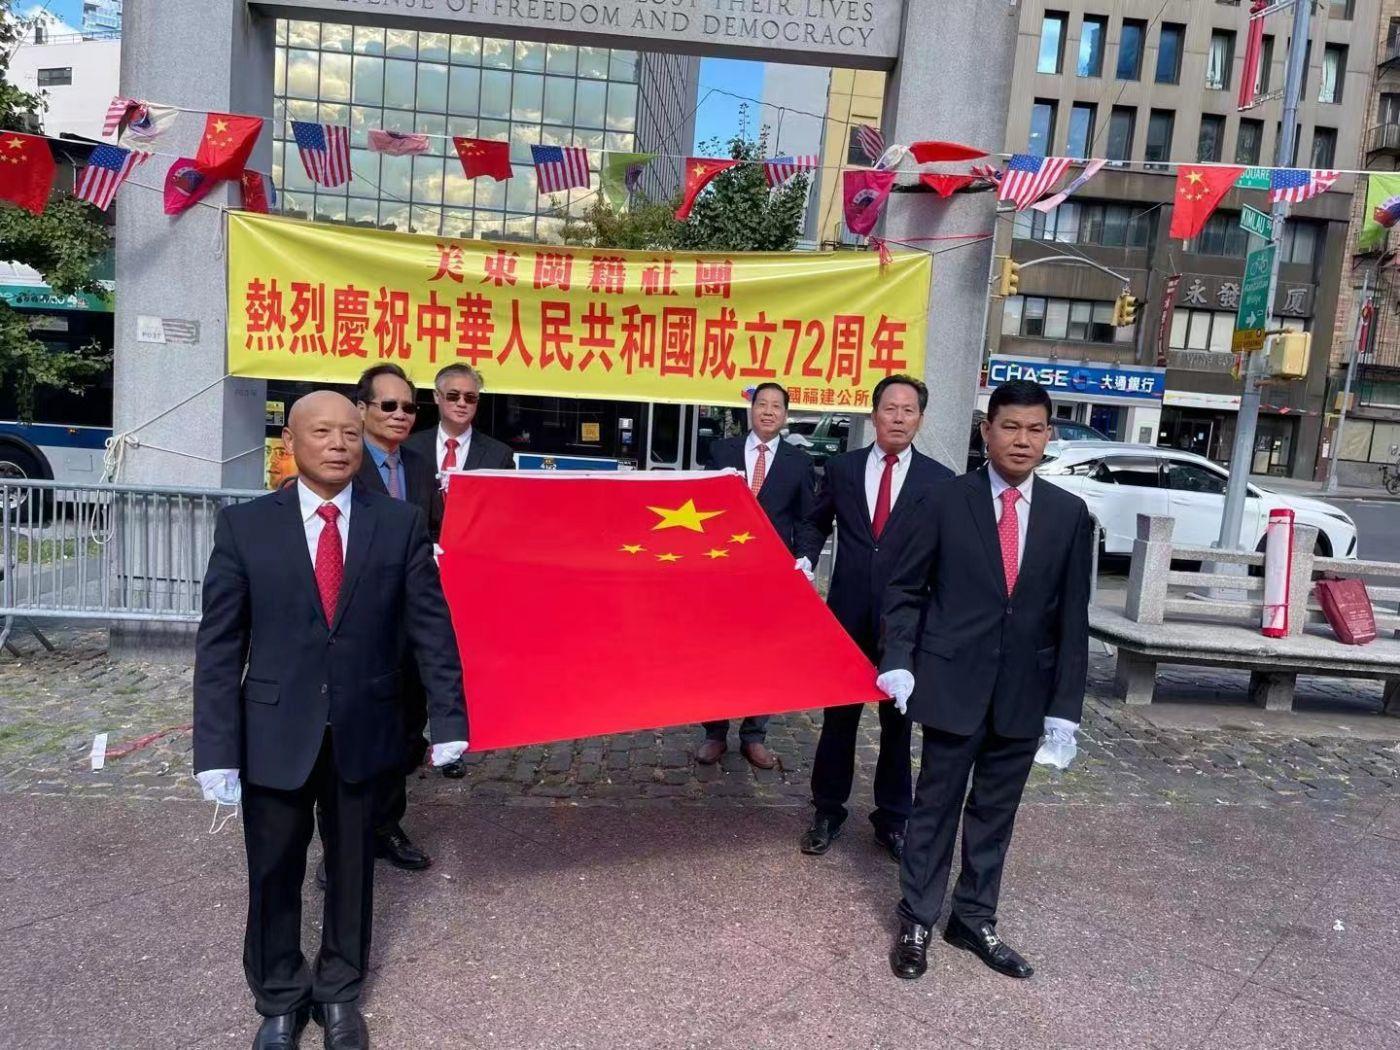 美东闽籍社团庆祝中华人民共和国成立72周年活动拉开帷幕_图1-6